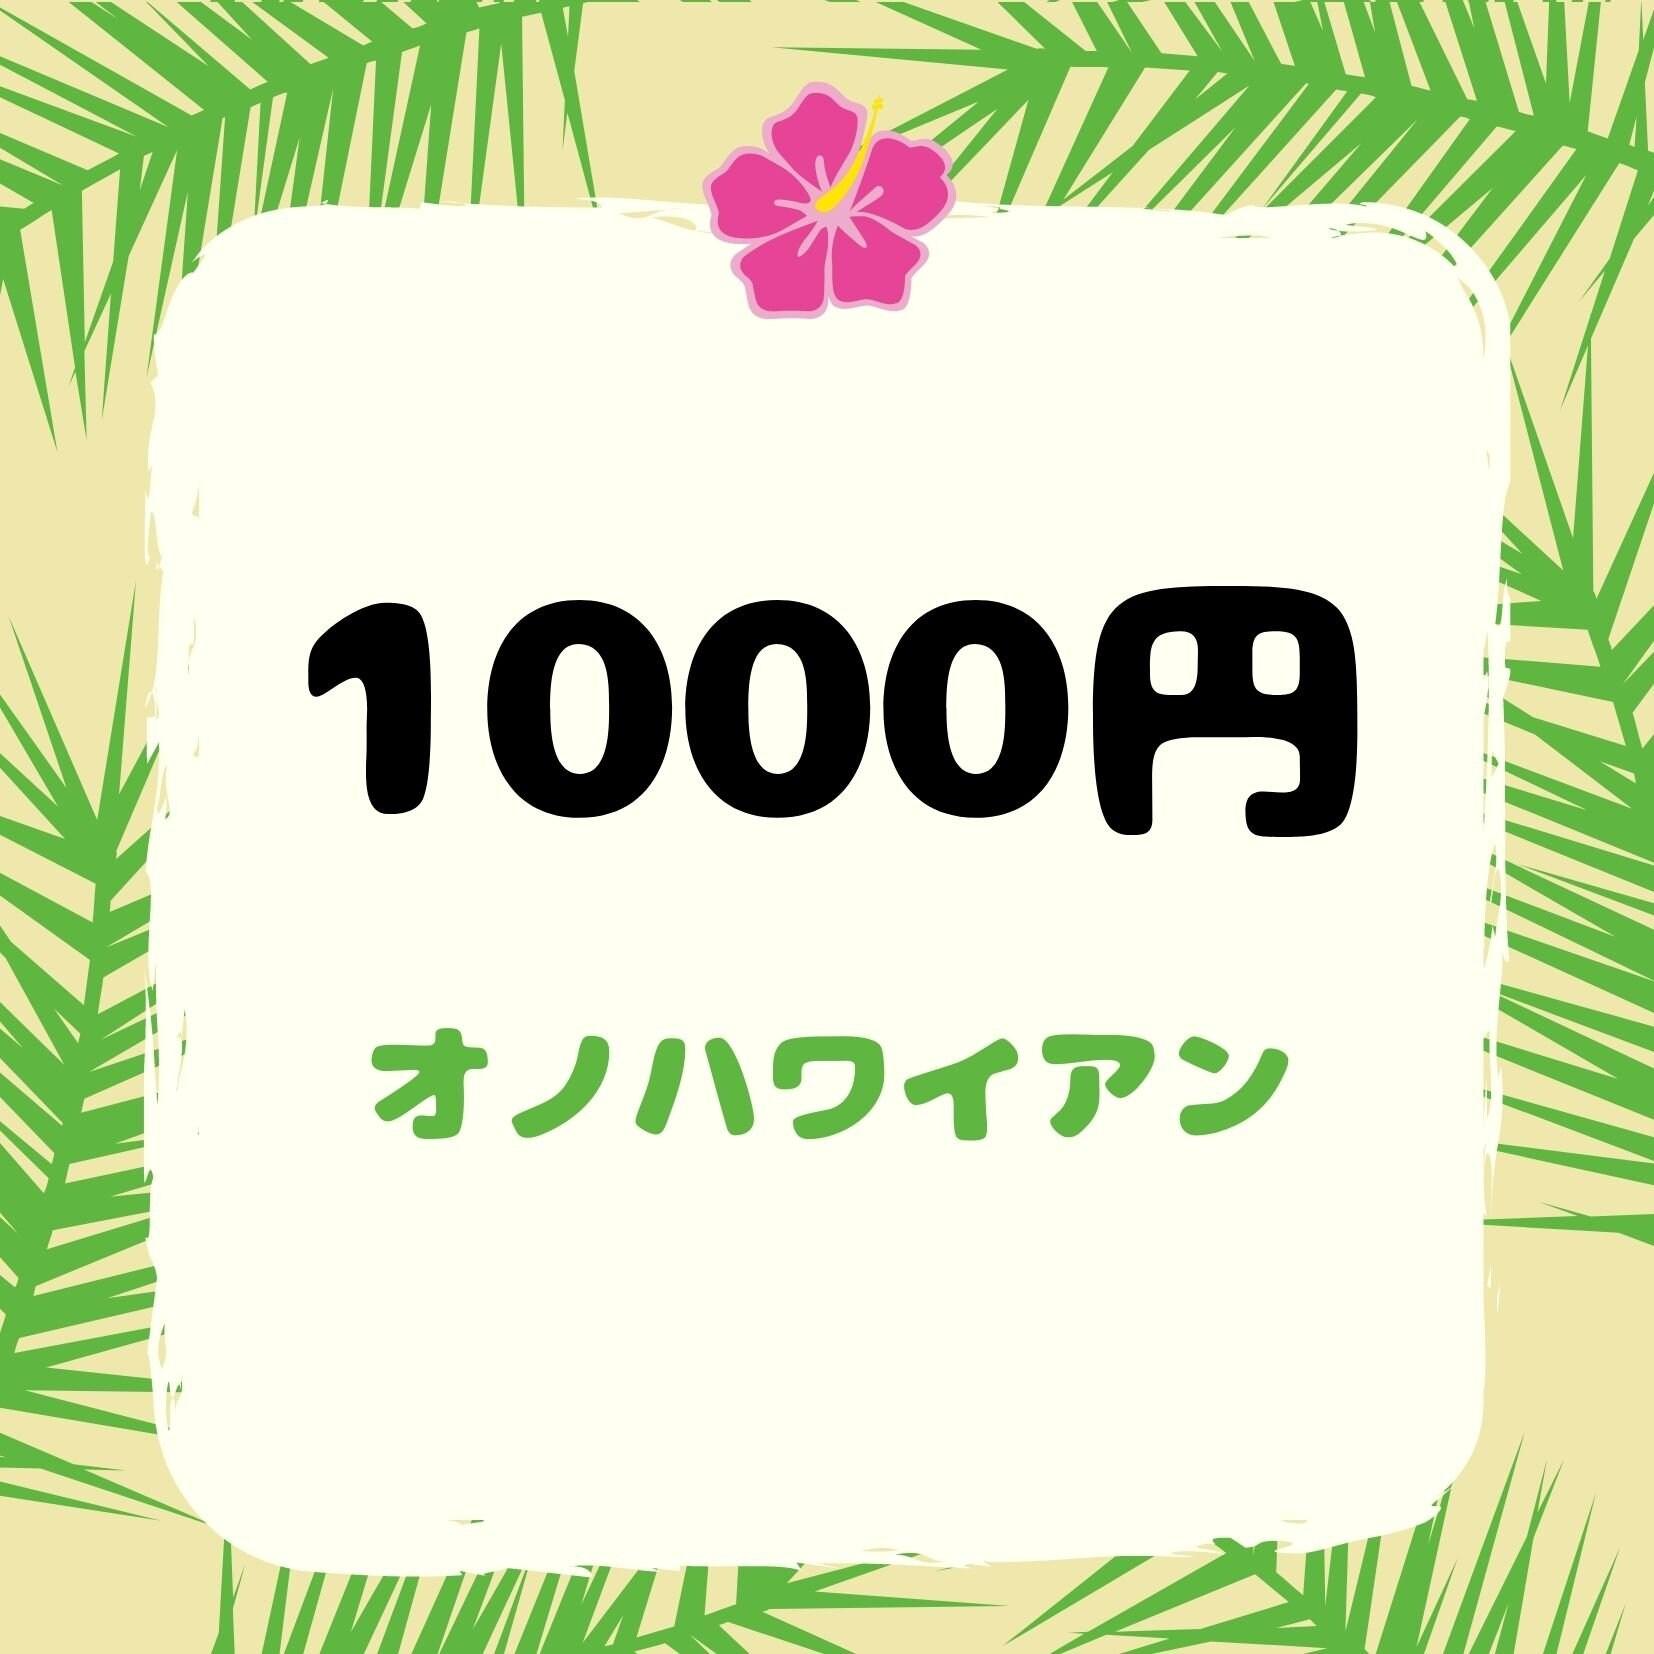 1,000円【店頭払い専用】デザート付きランチセット等のイメージその1